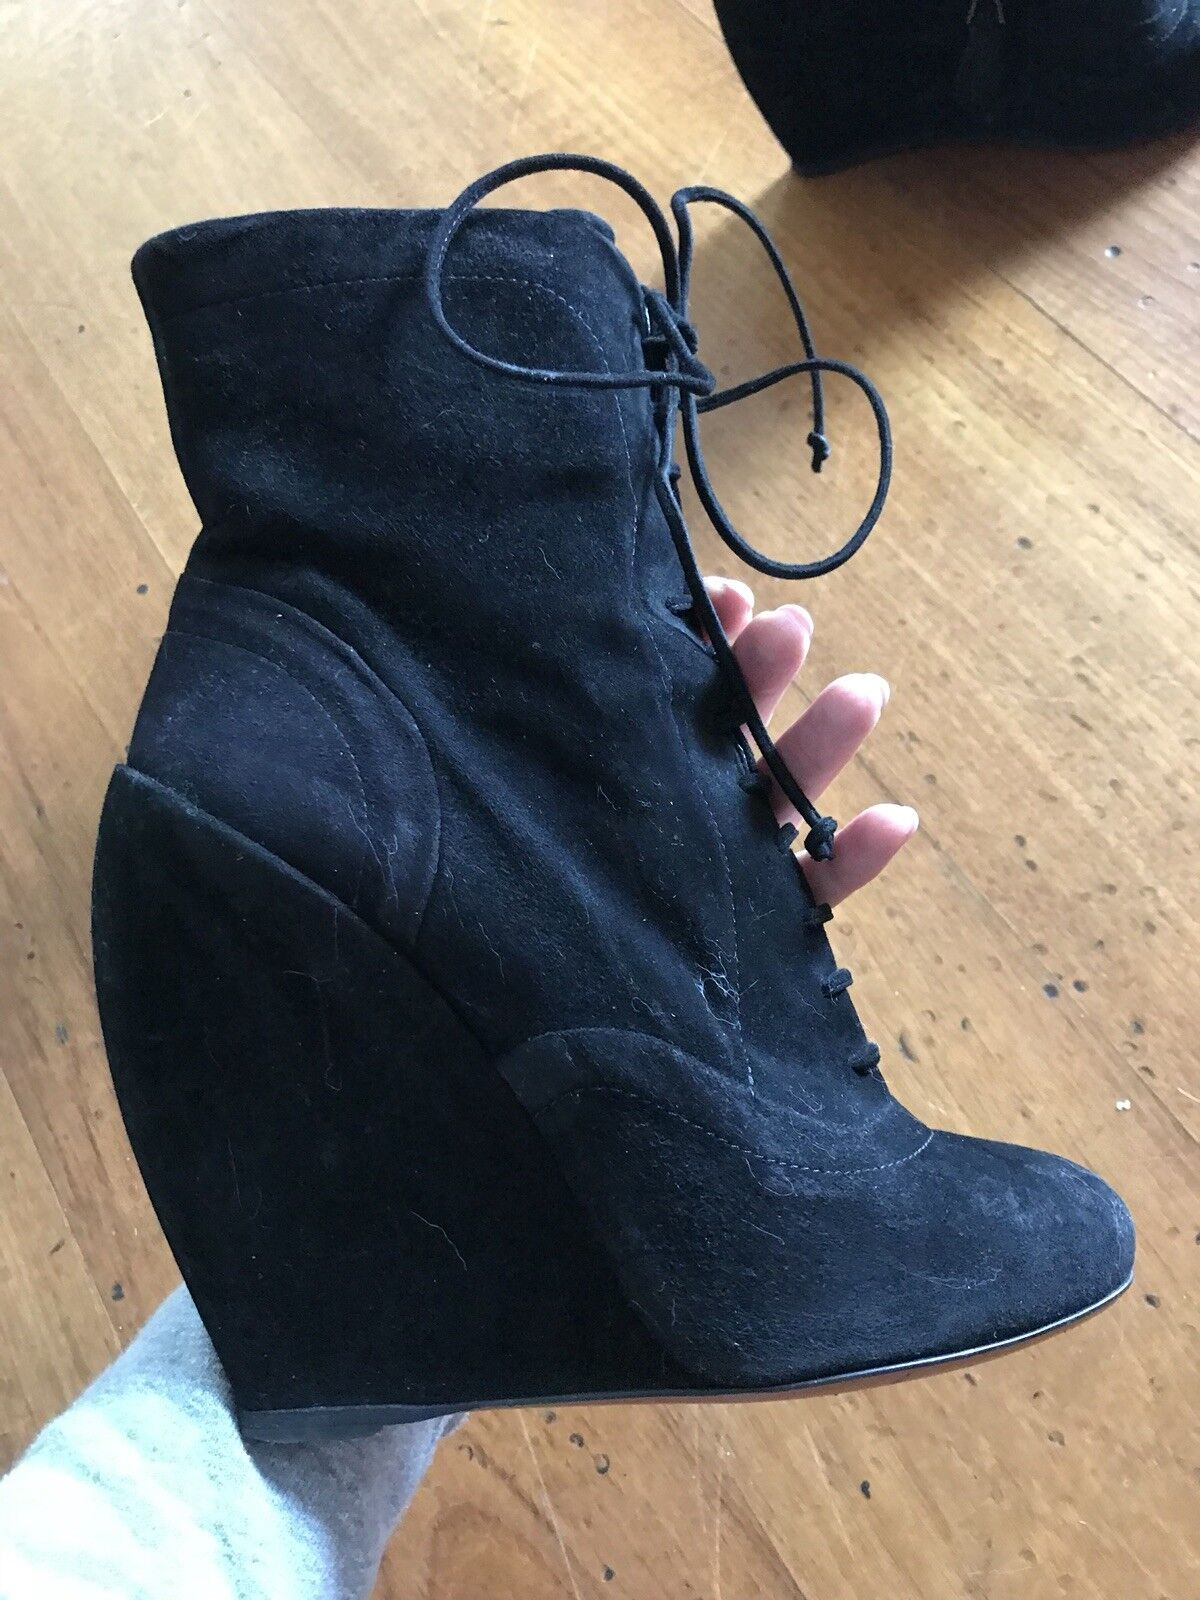 i nuovi stili più caldi Alaia stivali Wedge Heel 37.5  1,310        economico online